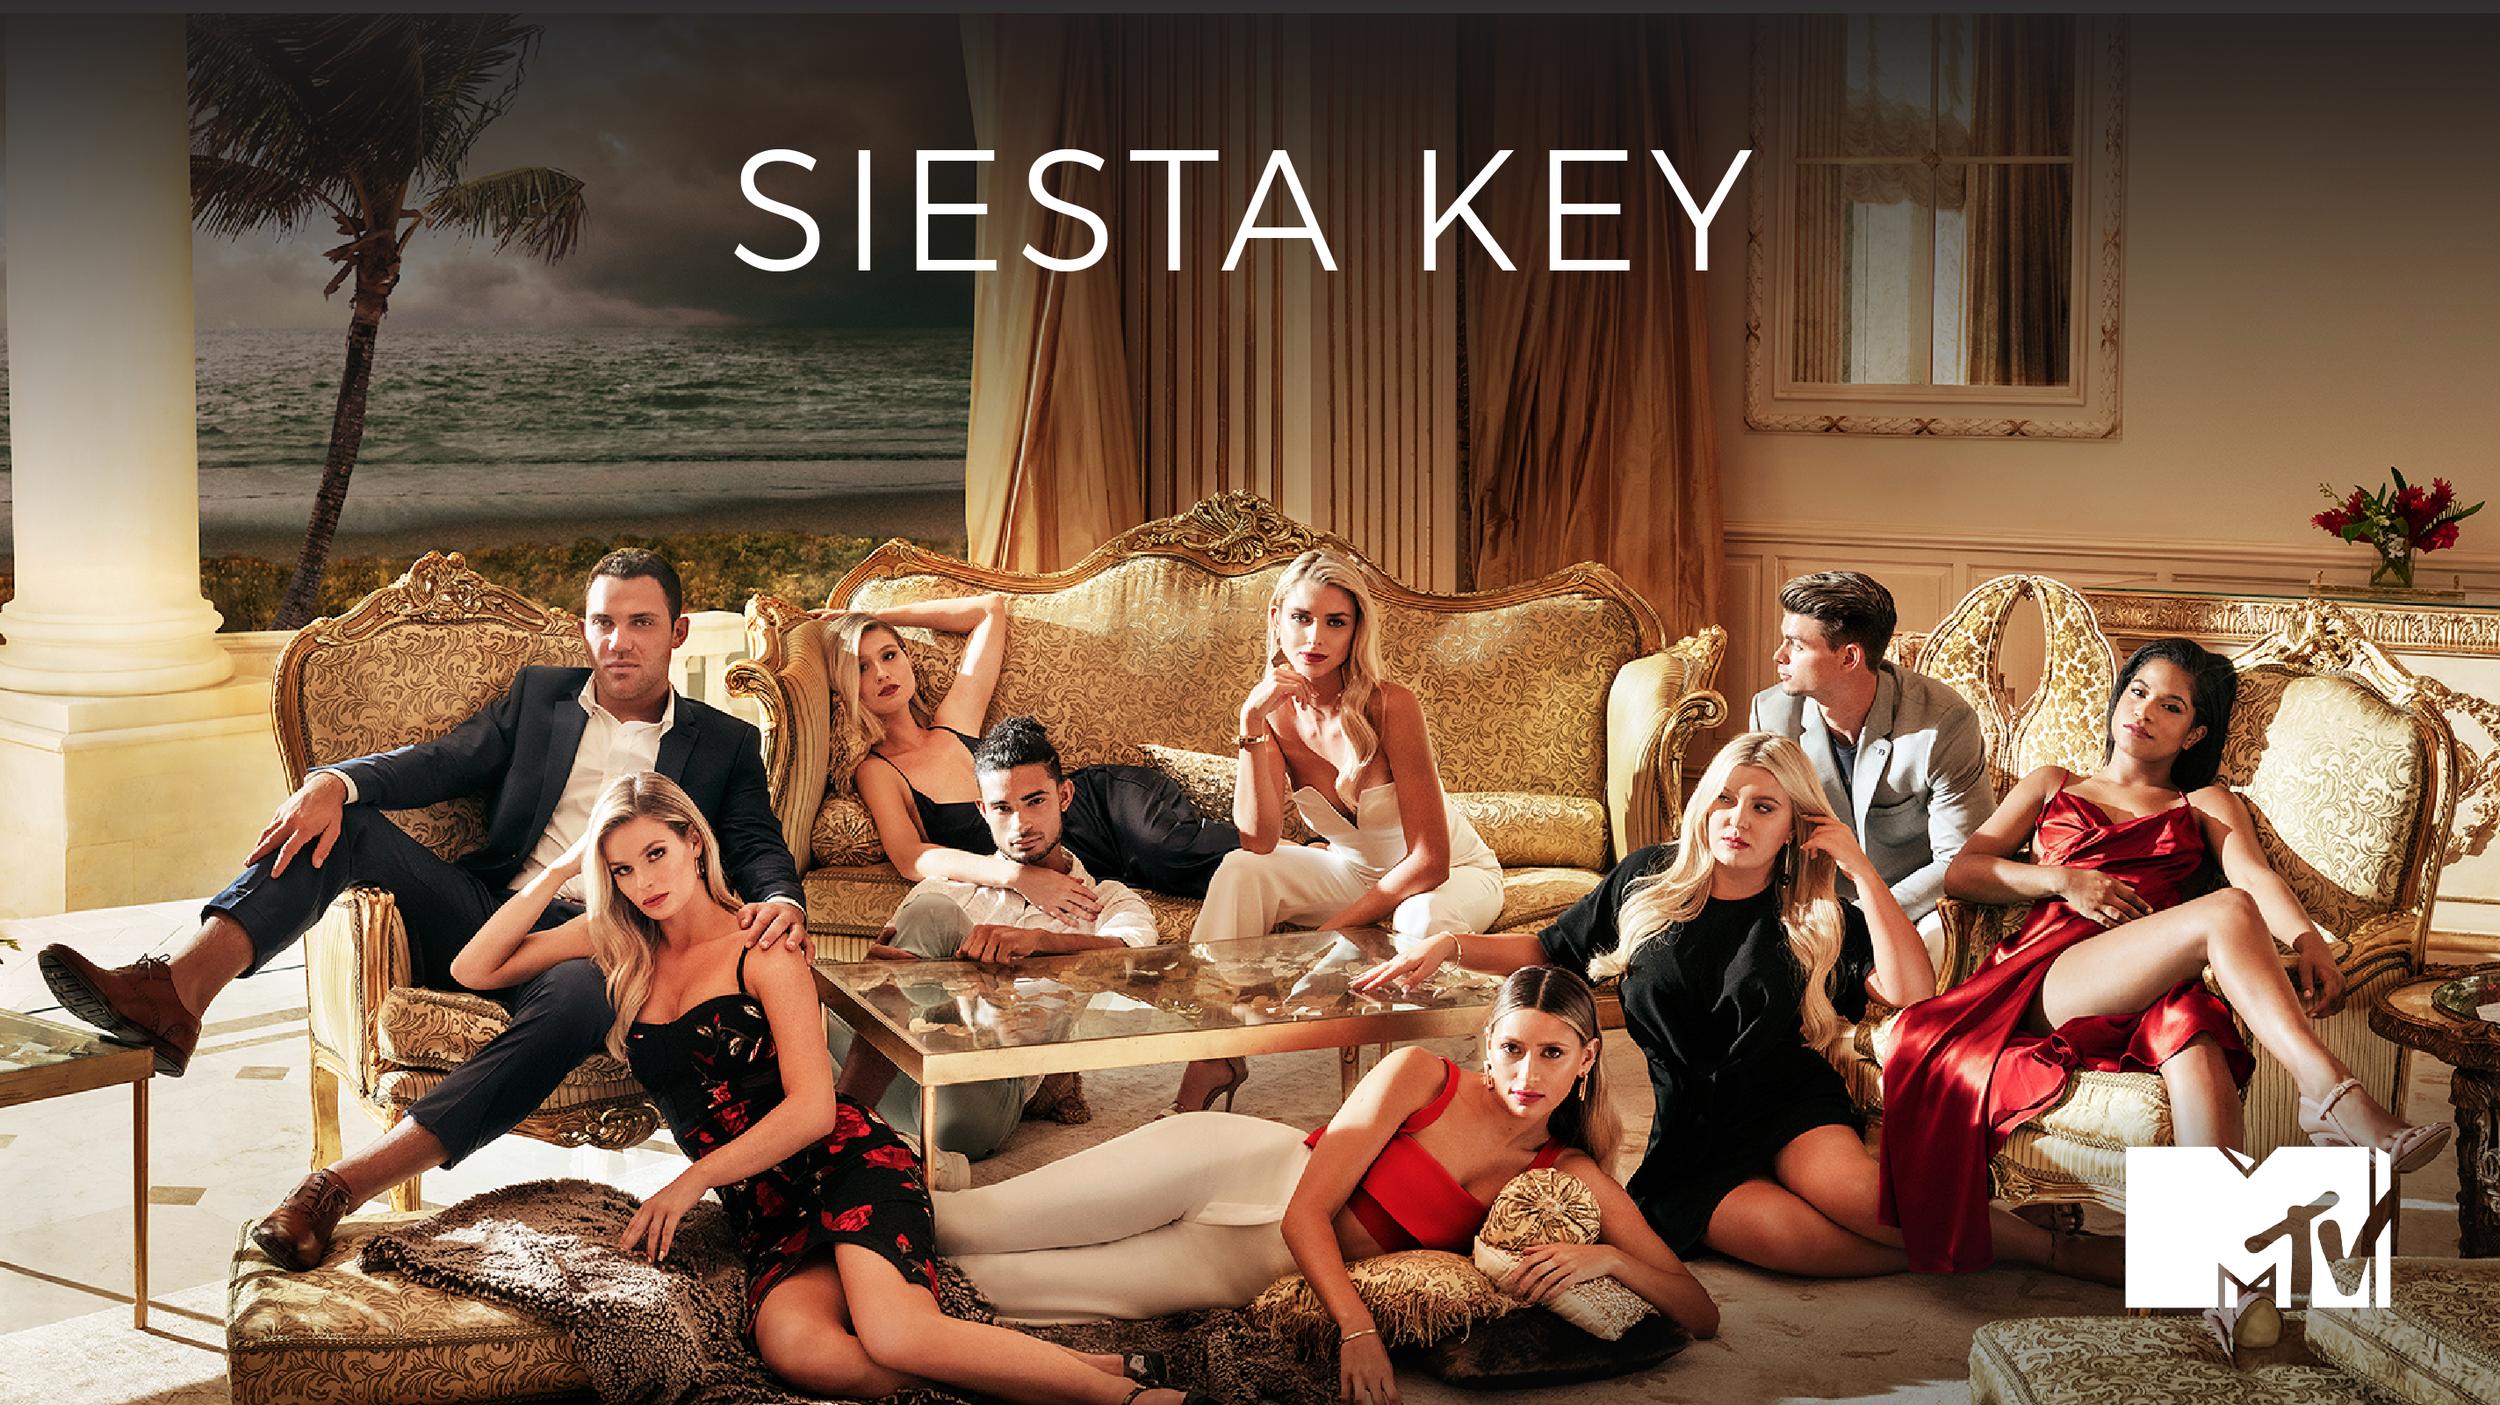 SIESTA KEY - MTV